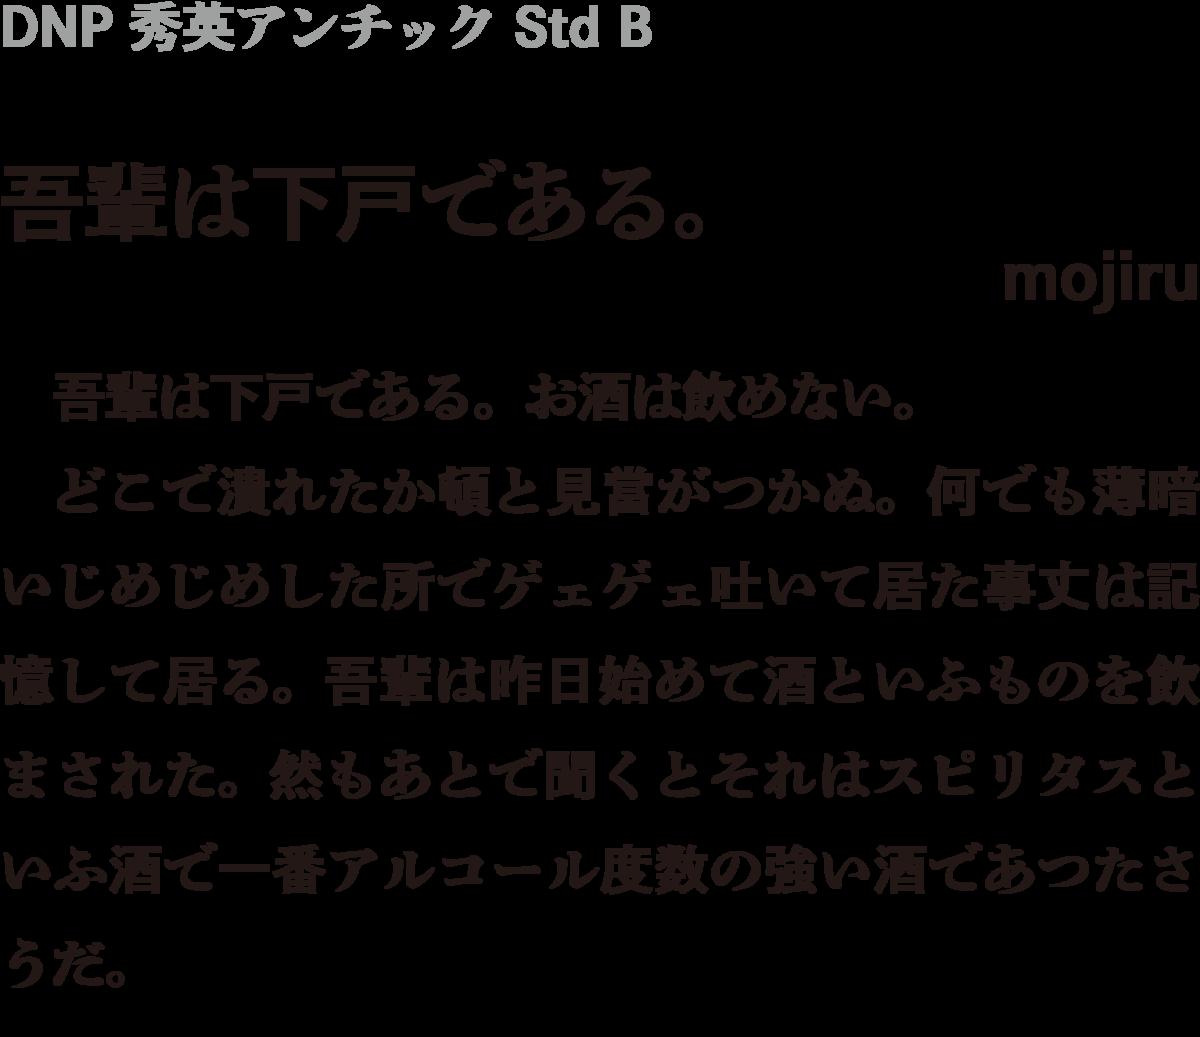 f:id:mojiru:20190411095027p:plain